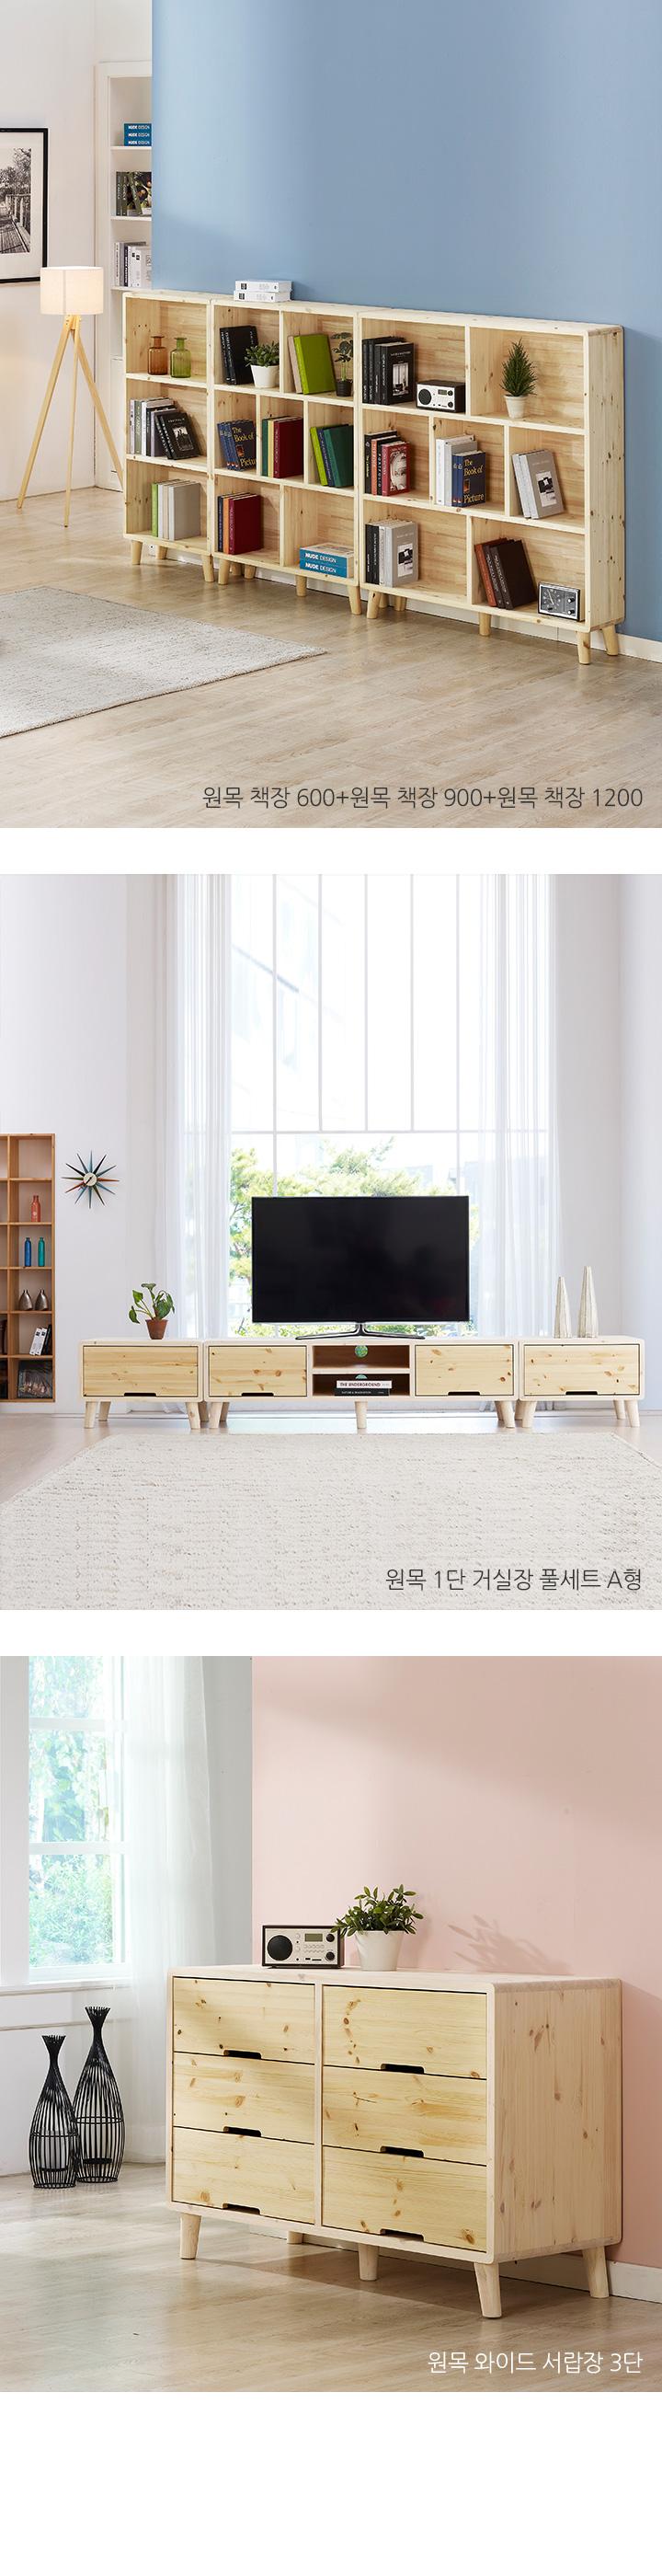 햅버 원목 책장 1200 - 우아미아이, 527,900원, 책장/서재수납, 책장